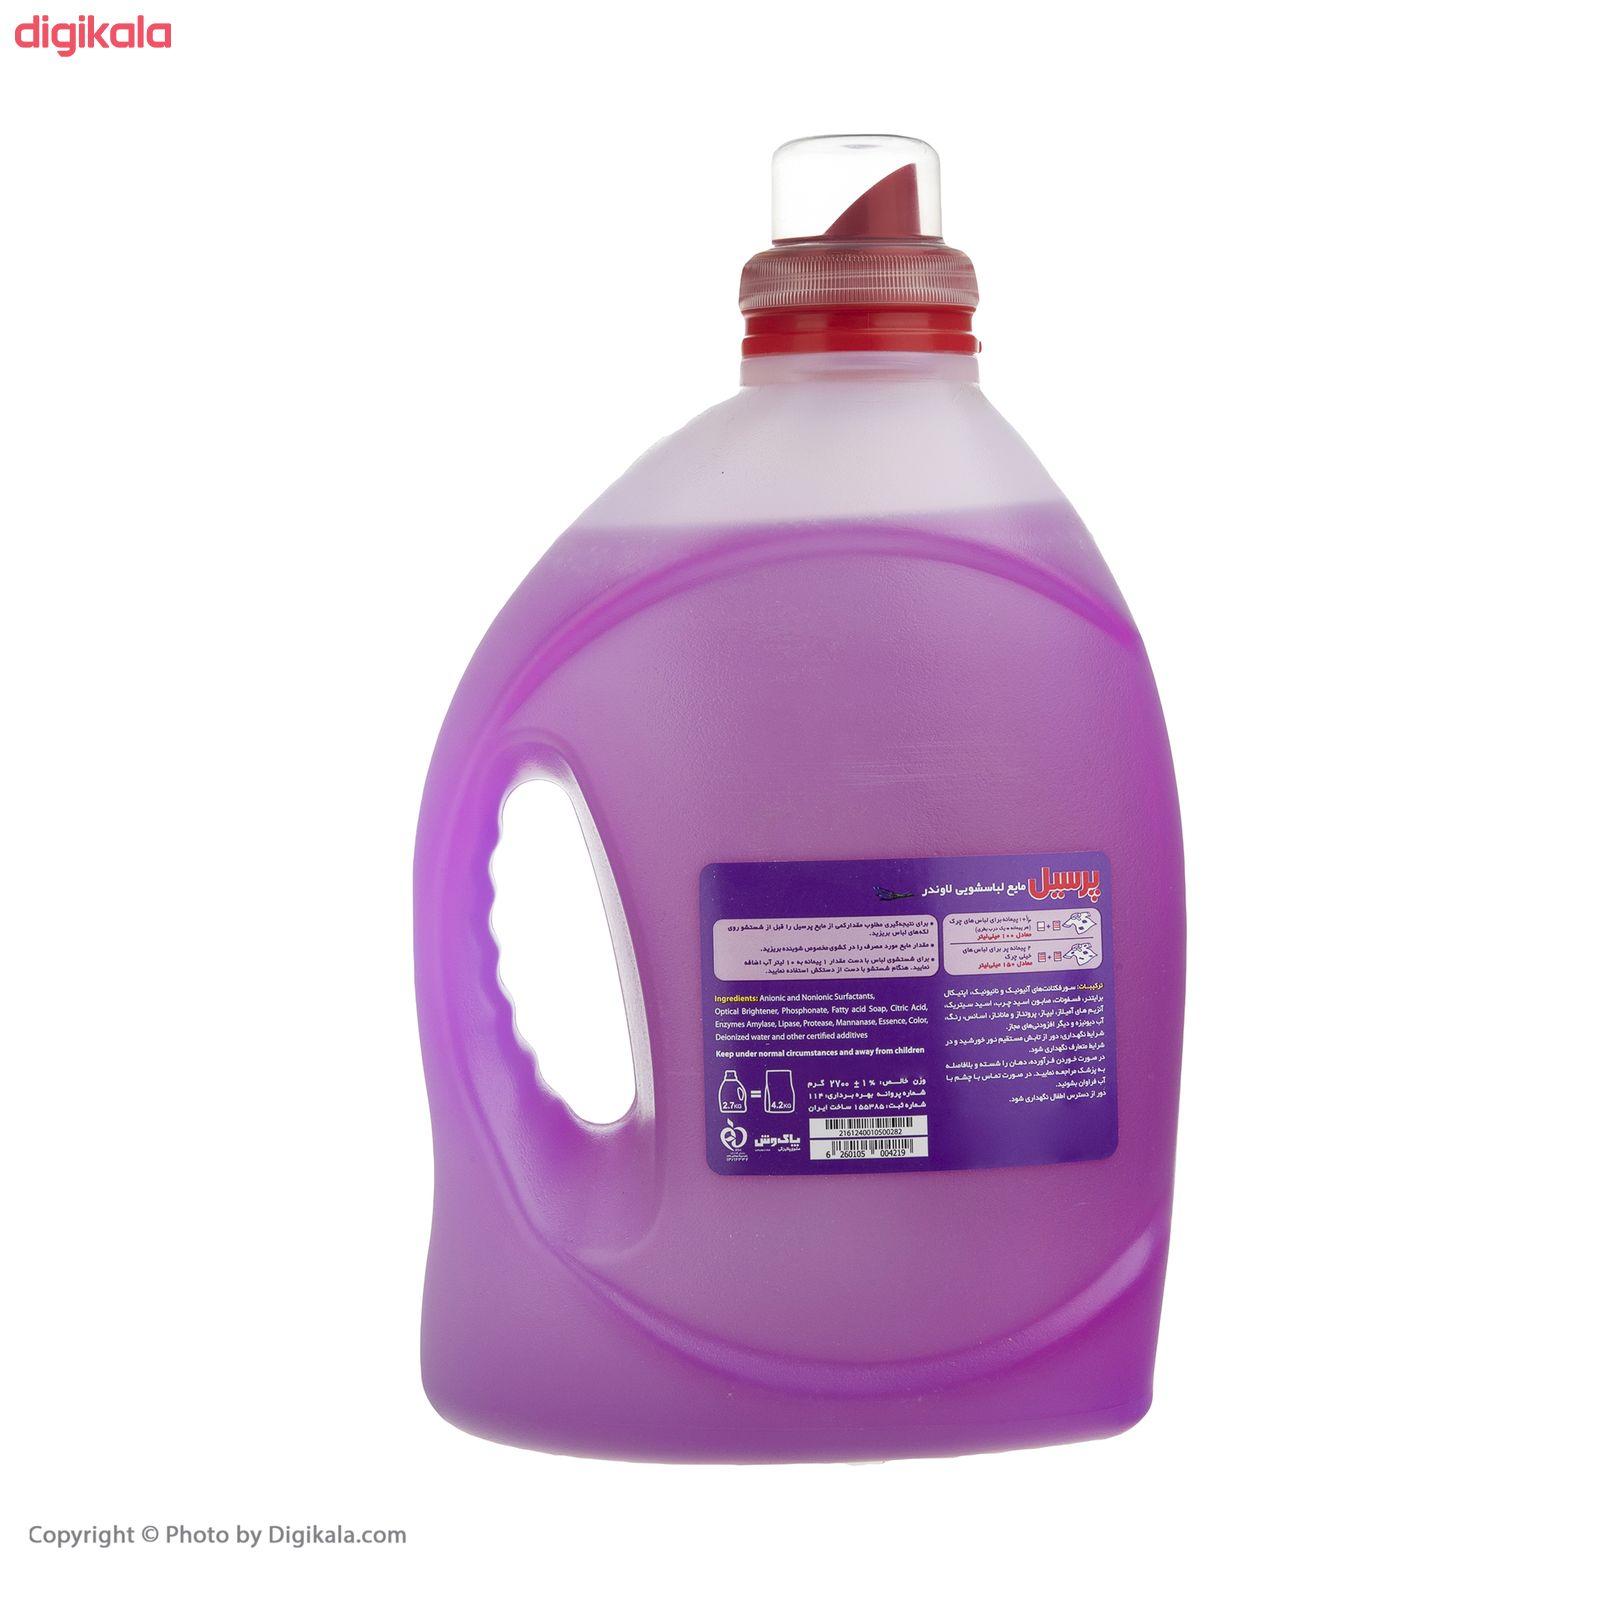 مایع لباسشویی پرسیل مدل Lavender مقدار 2.7 کیلوگرم main 1 2